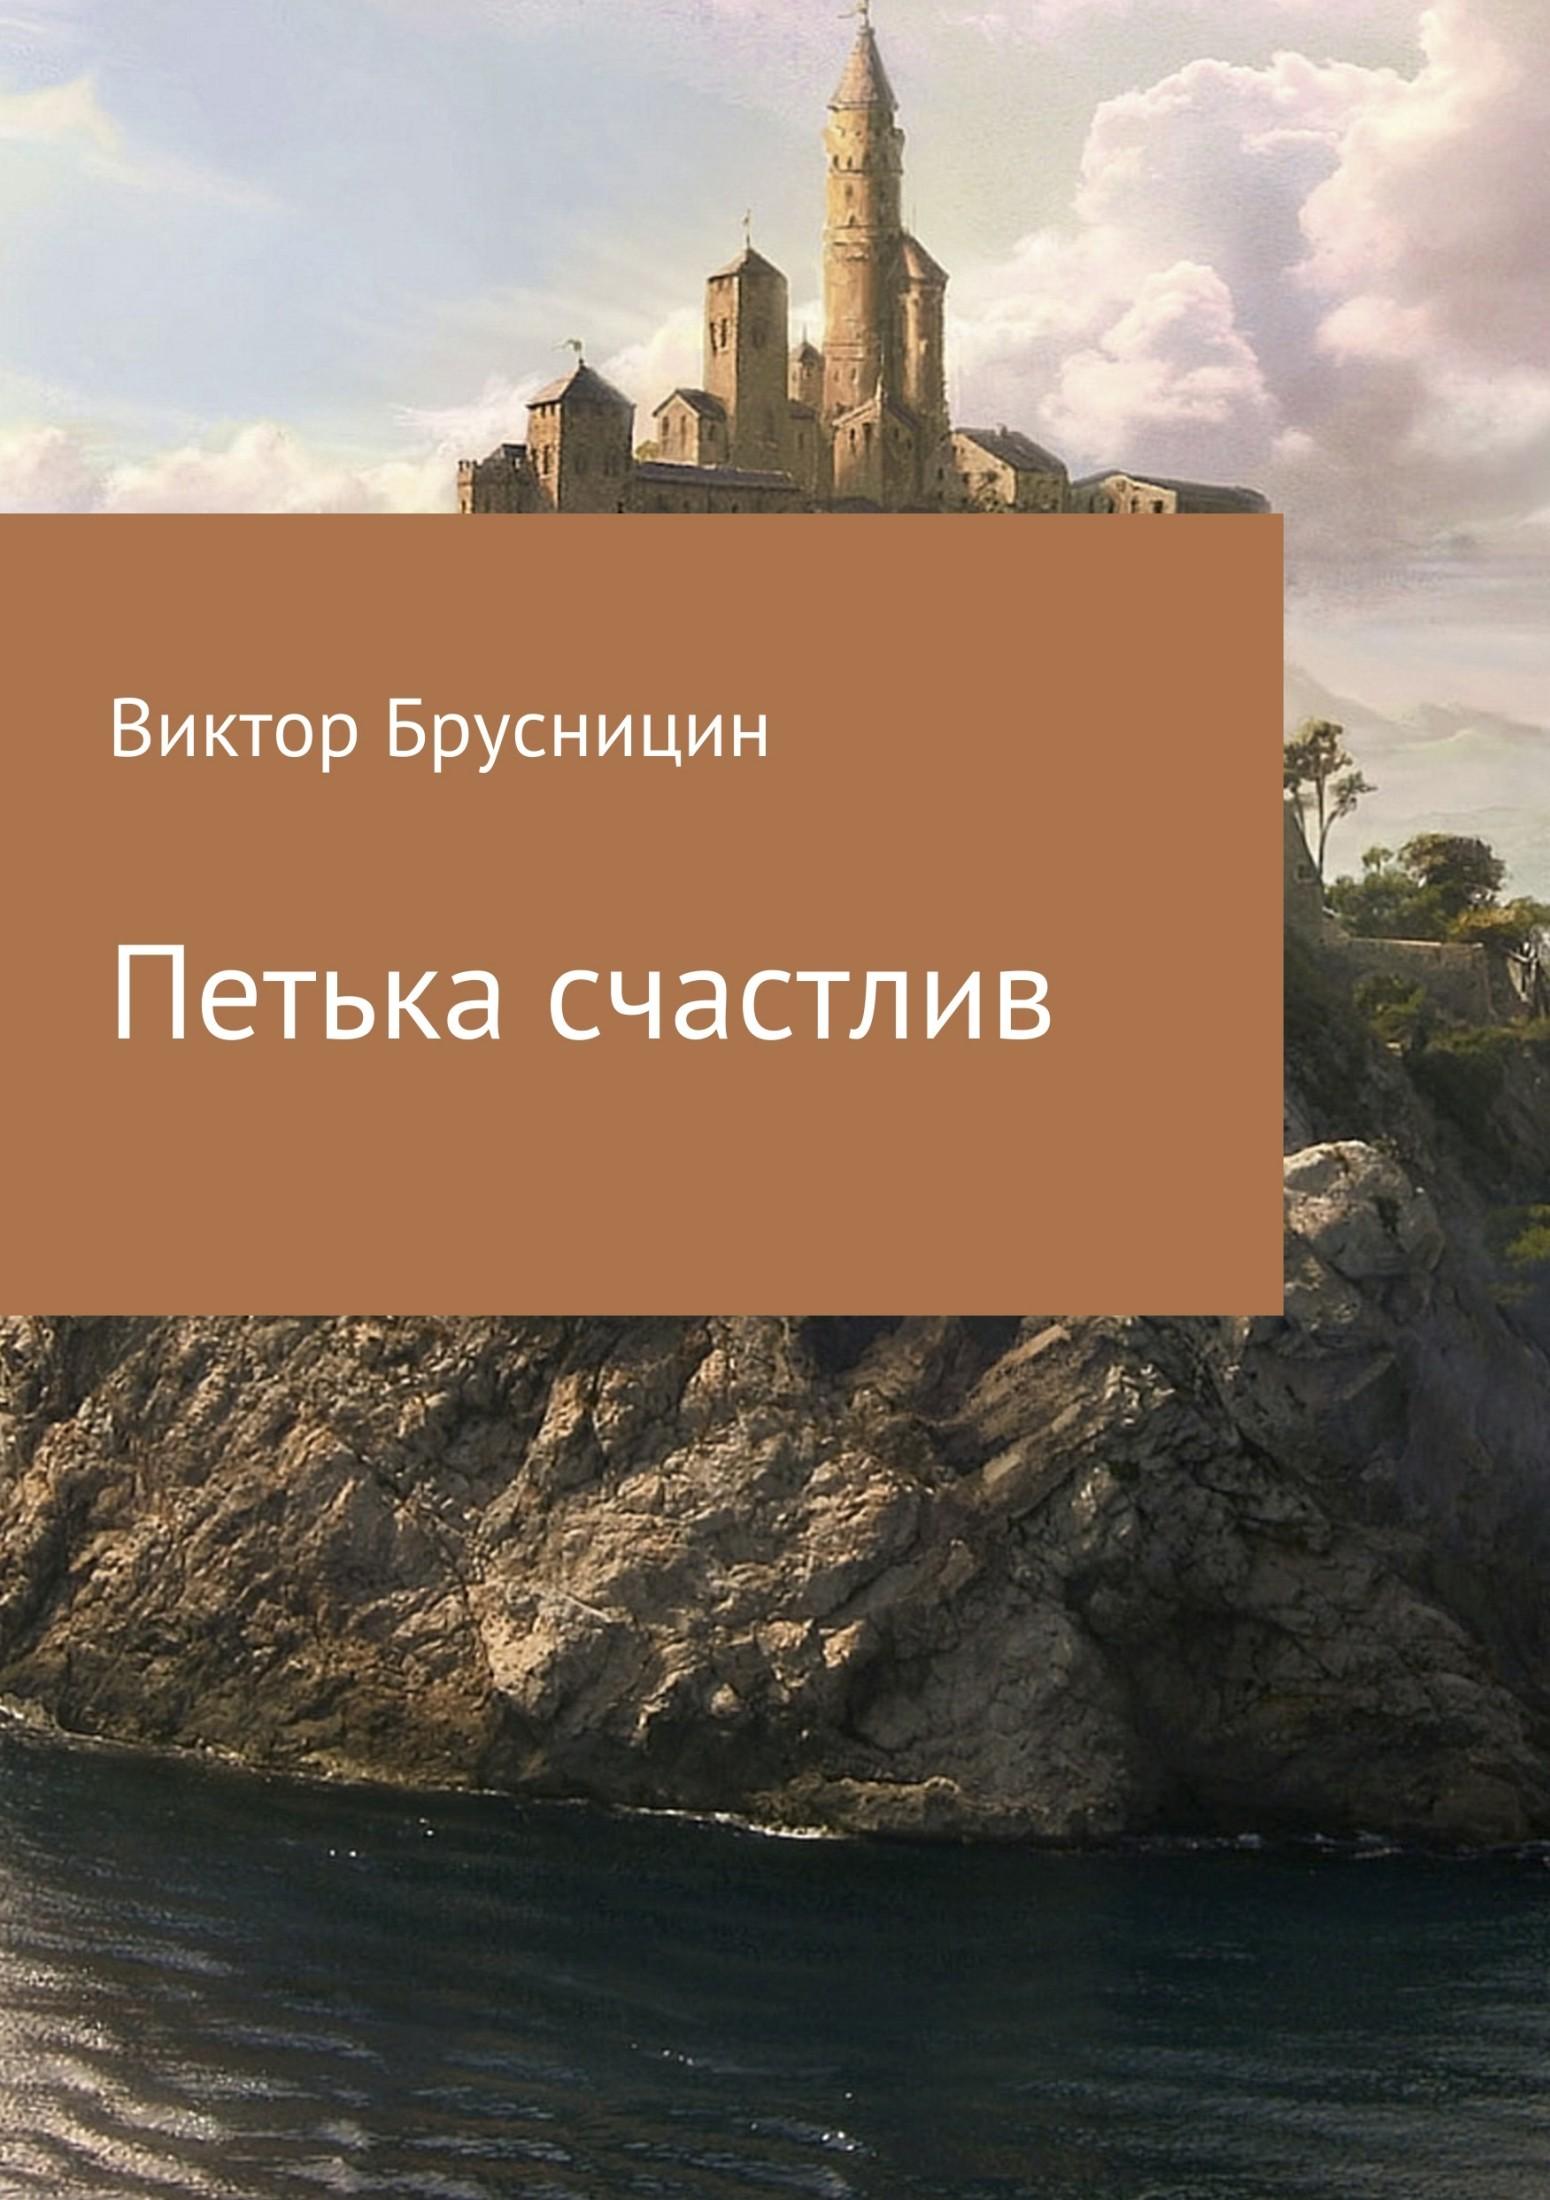 Виктор Михайлович Брусницин. Петька счастлив